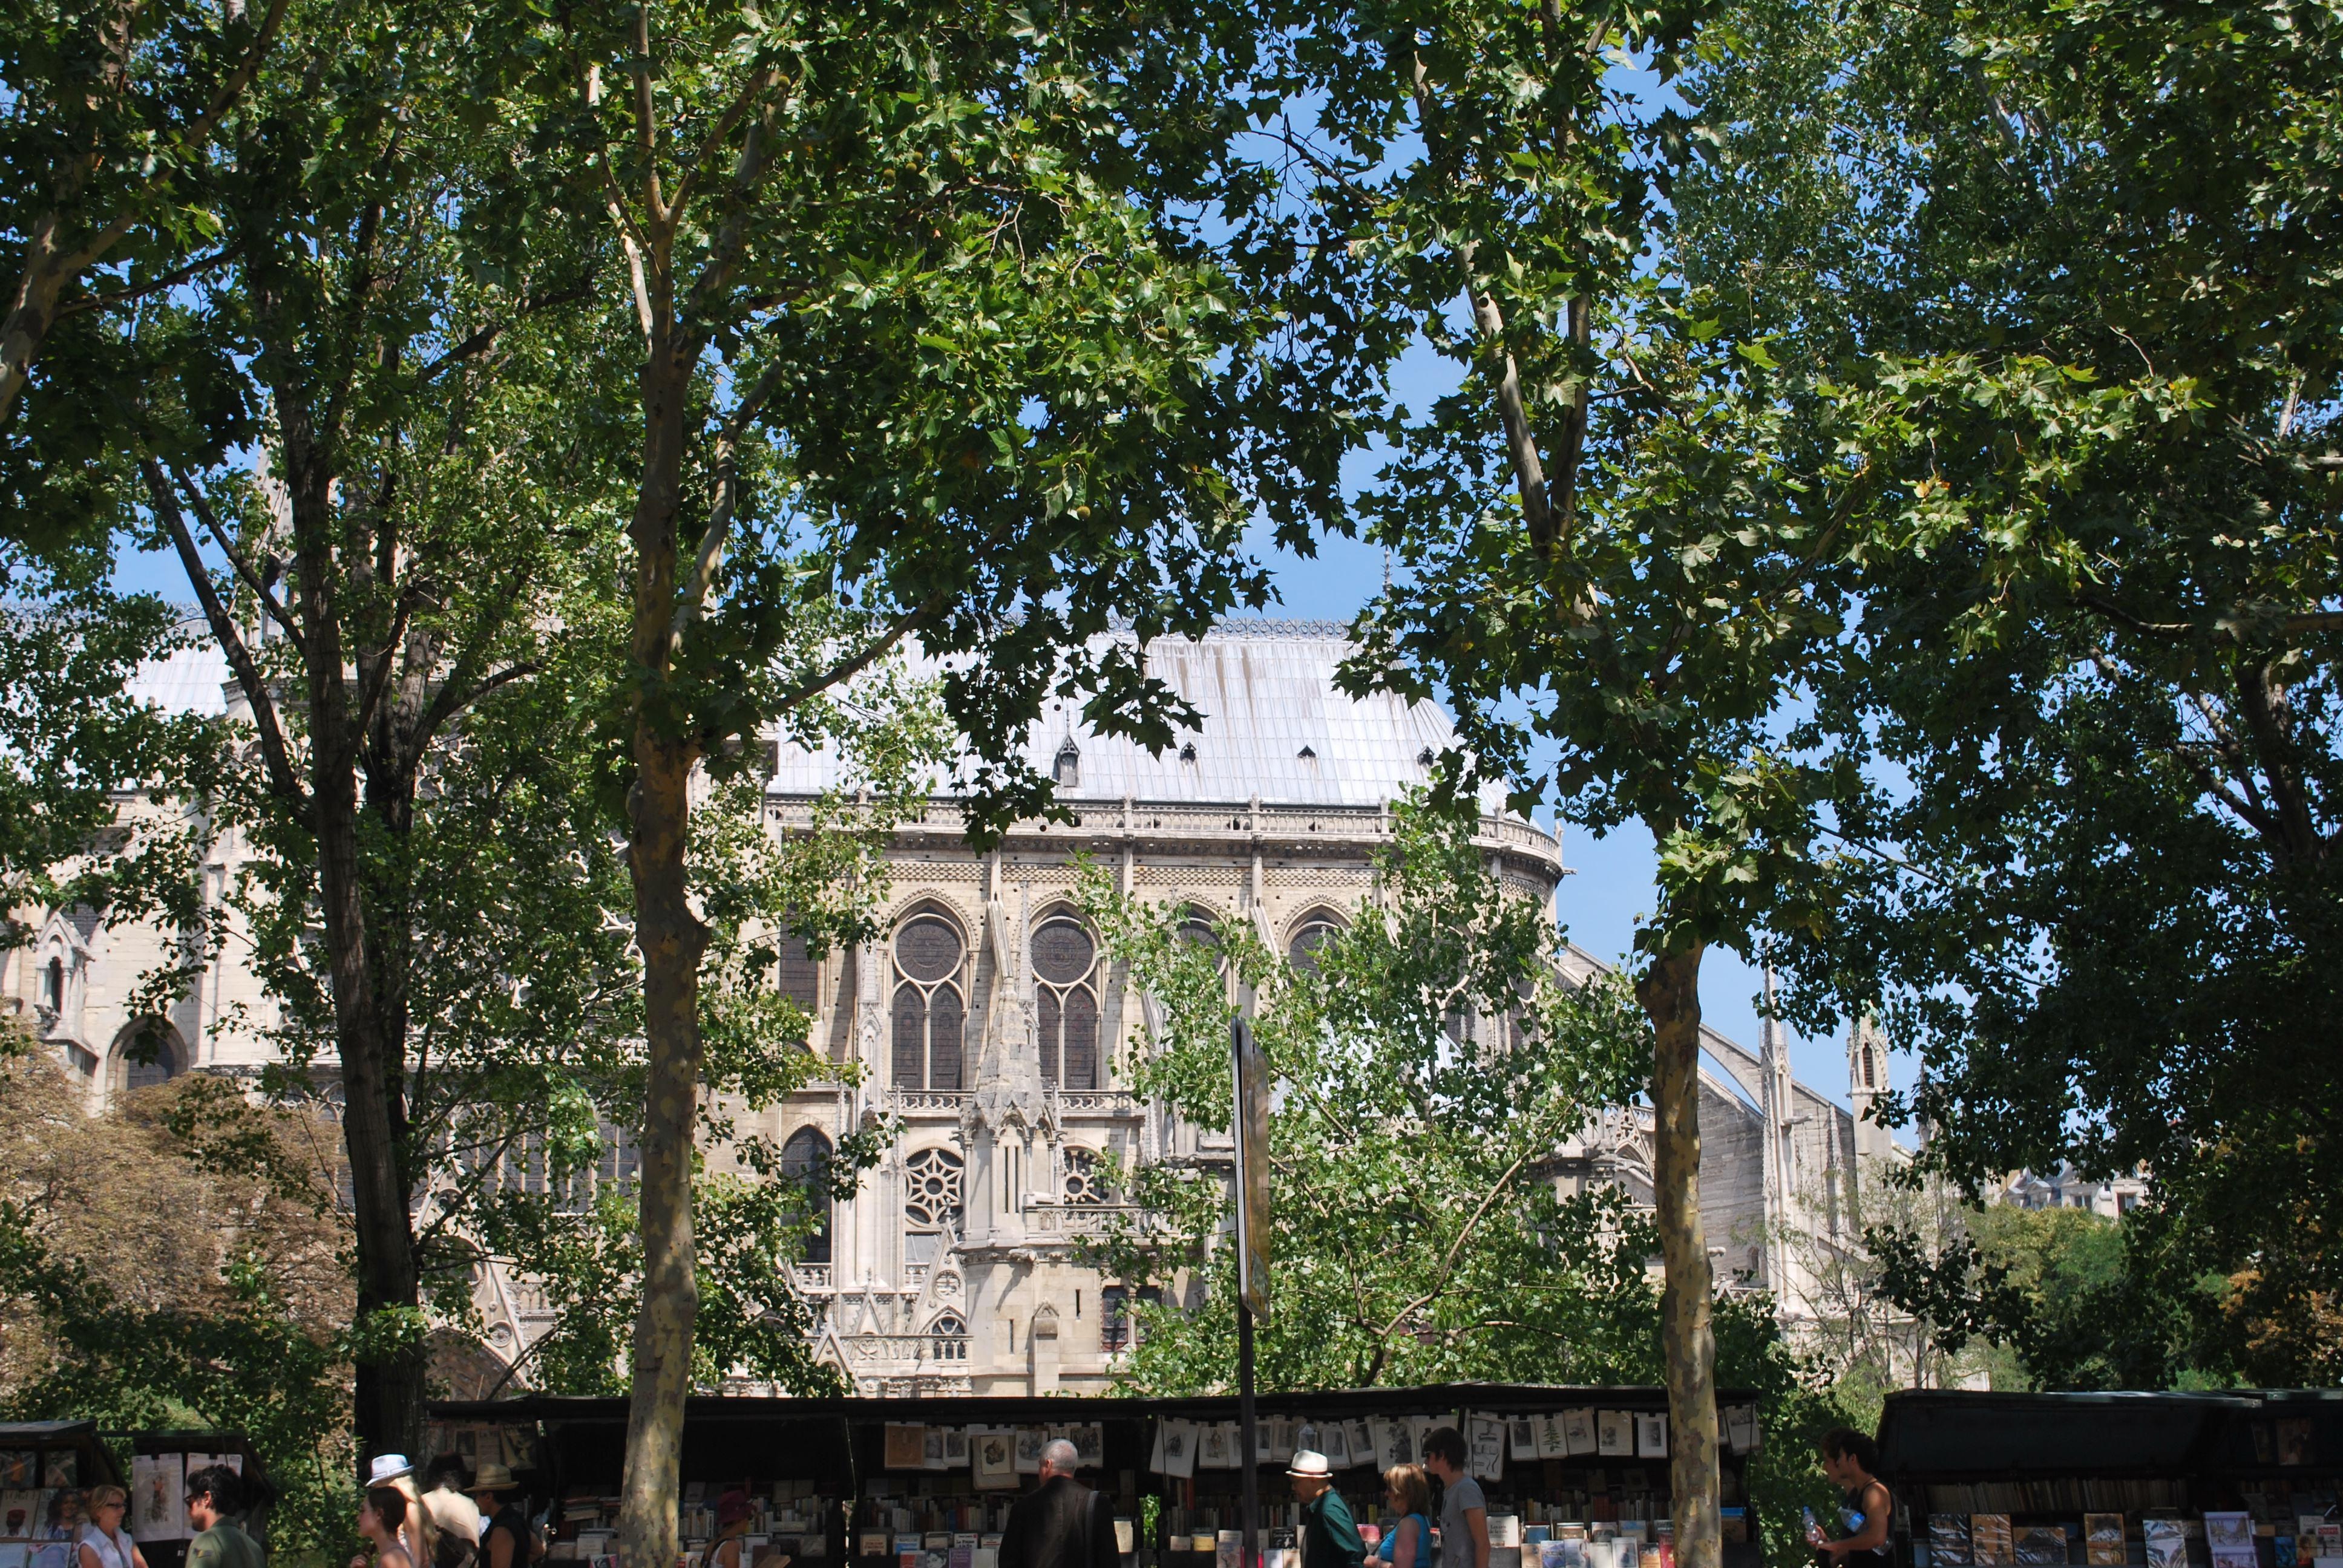 notre-dame-de-paris-booksellers